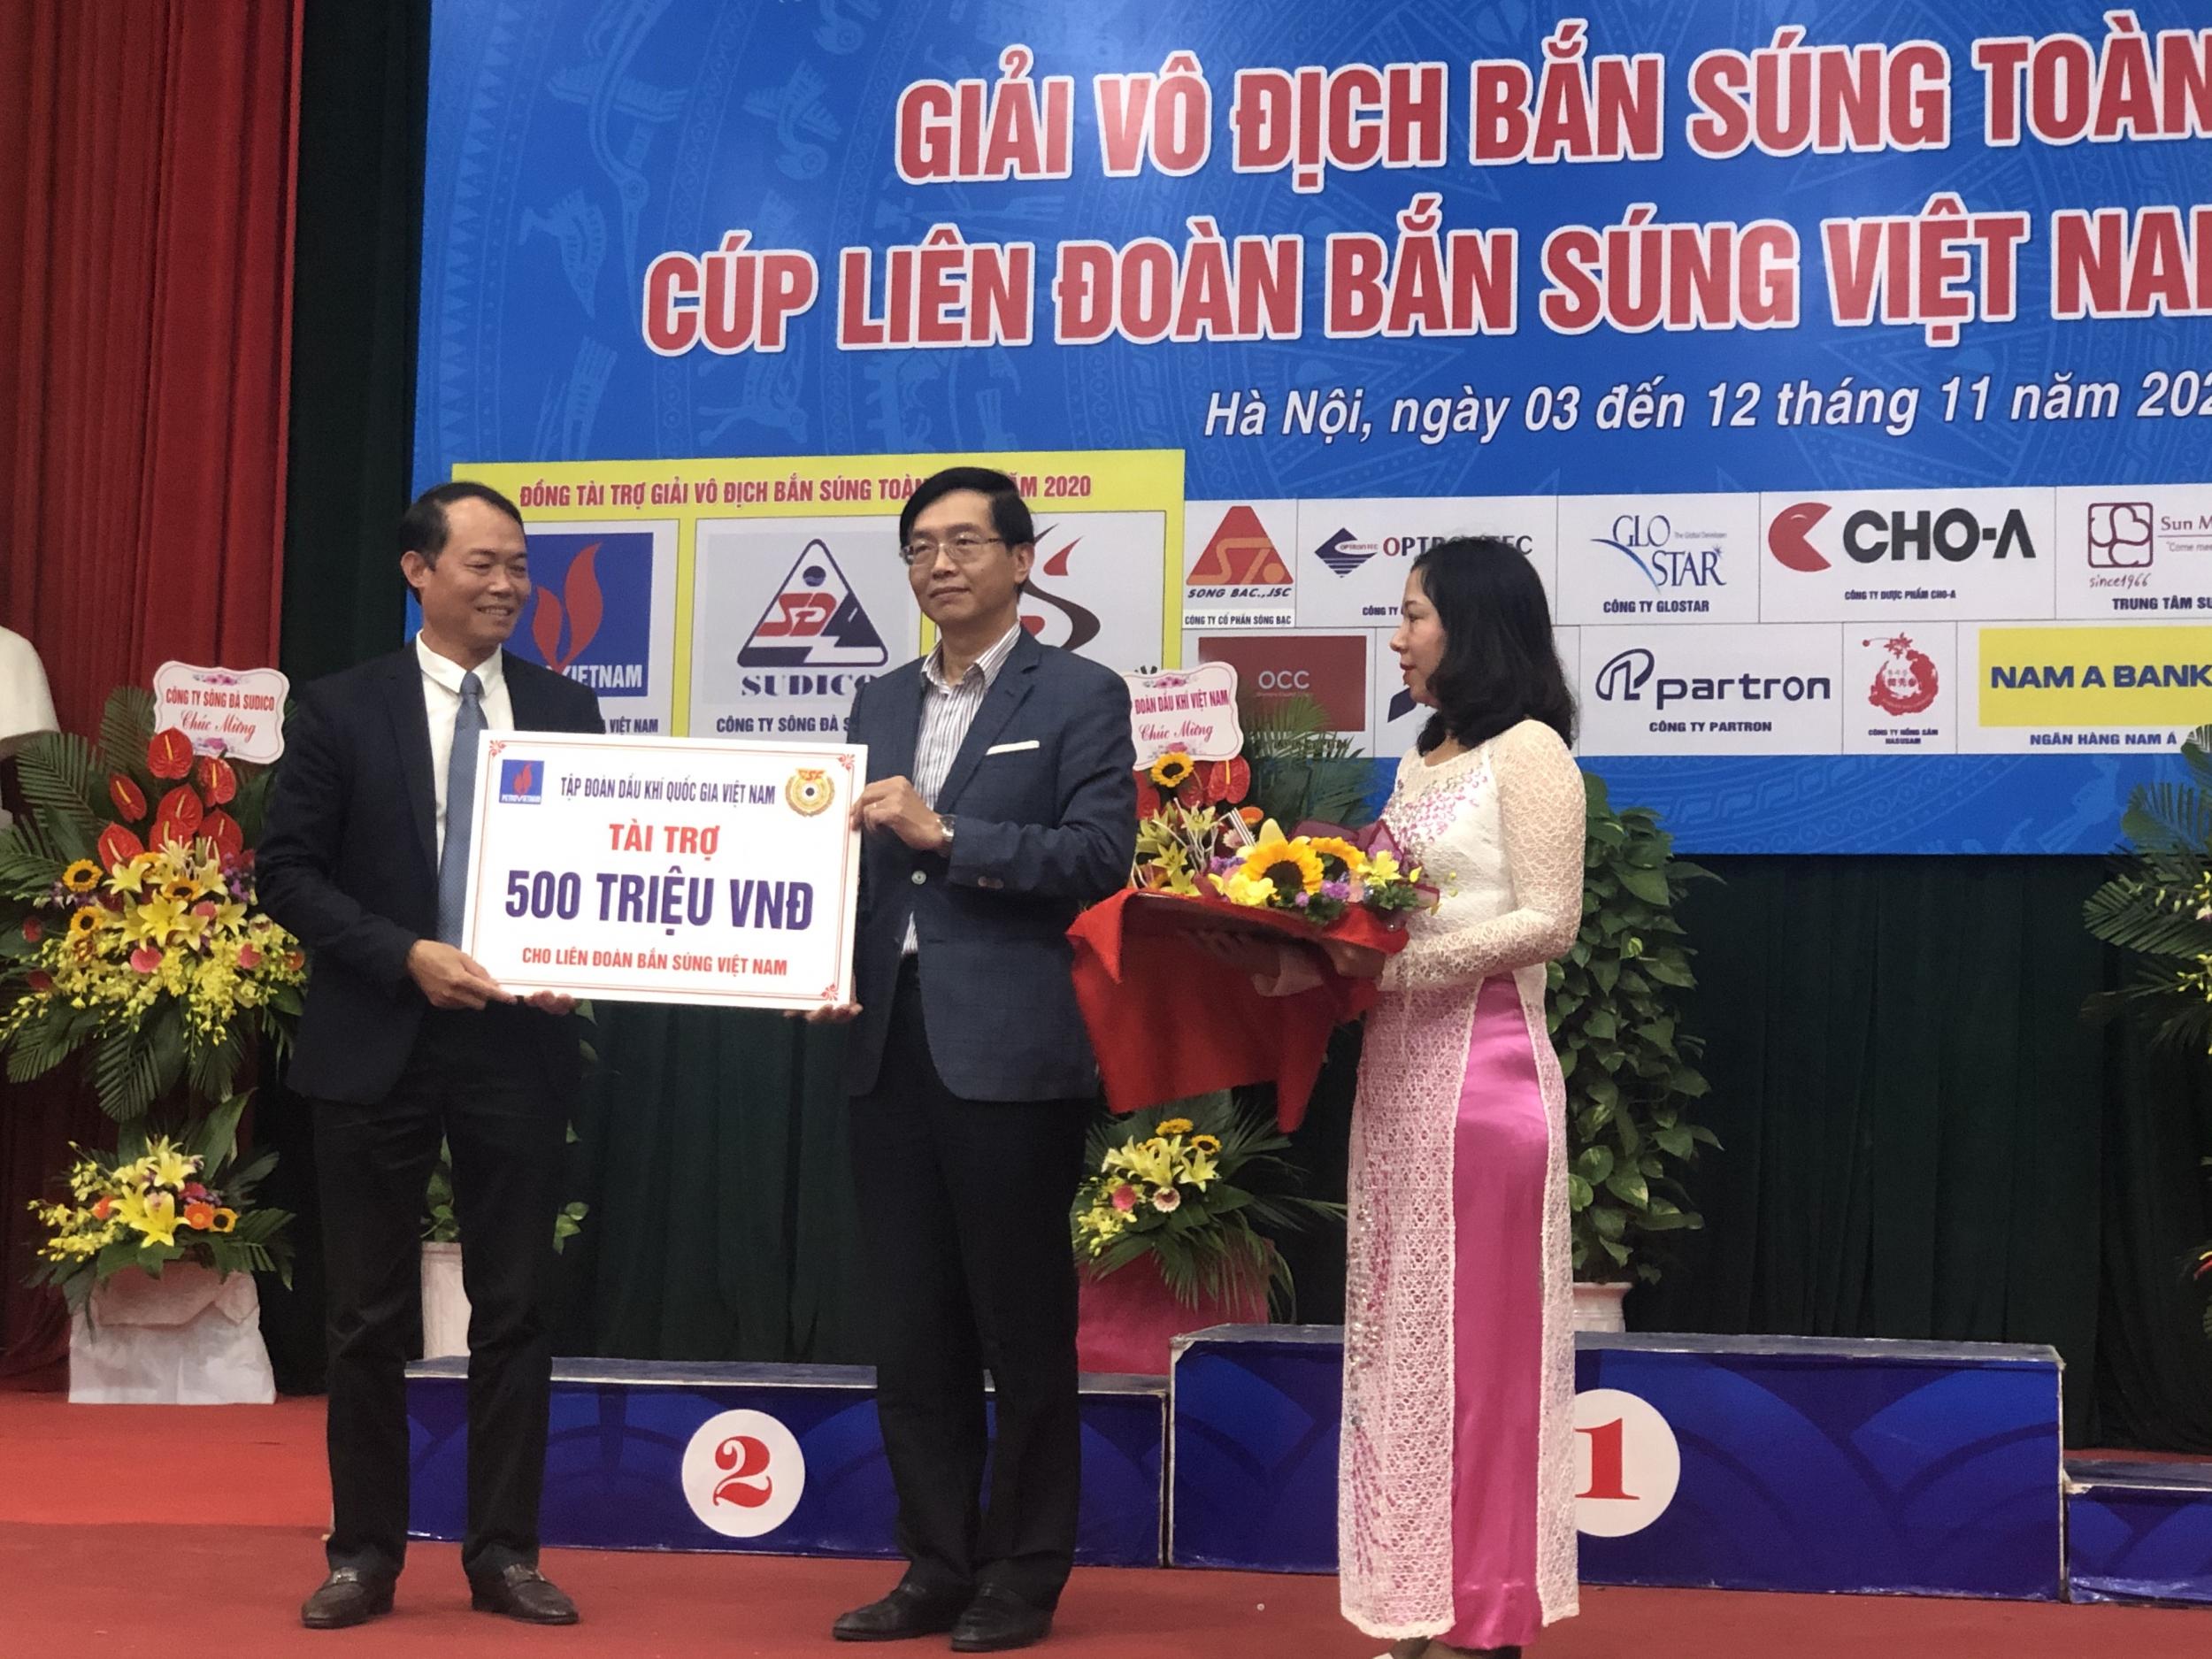 Petrovietnam đồng hành cùng Giải vô địch Bắn súng toàn quốc - Cúp Liên đoàn Bắn súng Việt Nam năm 2020